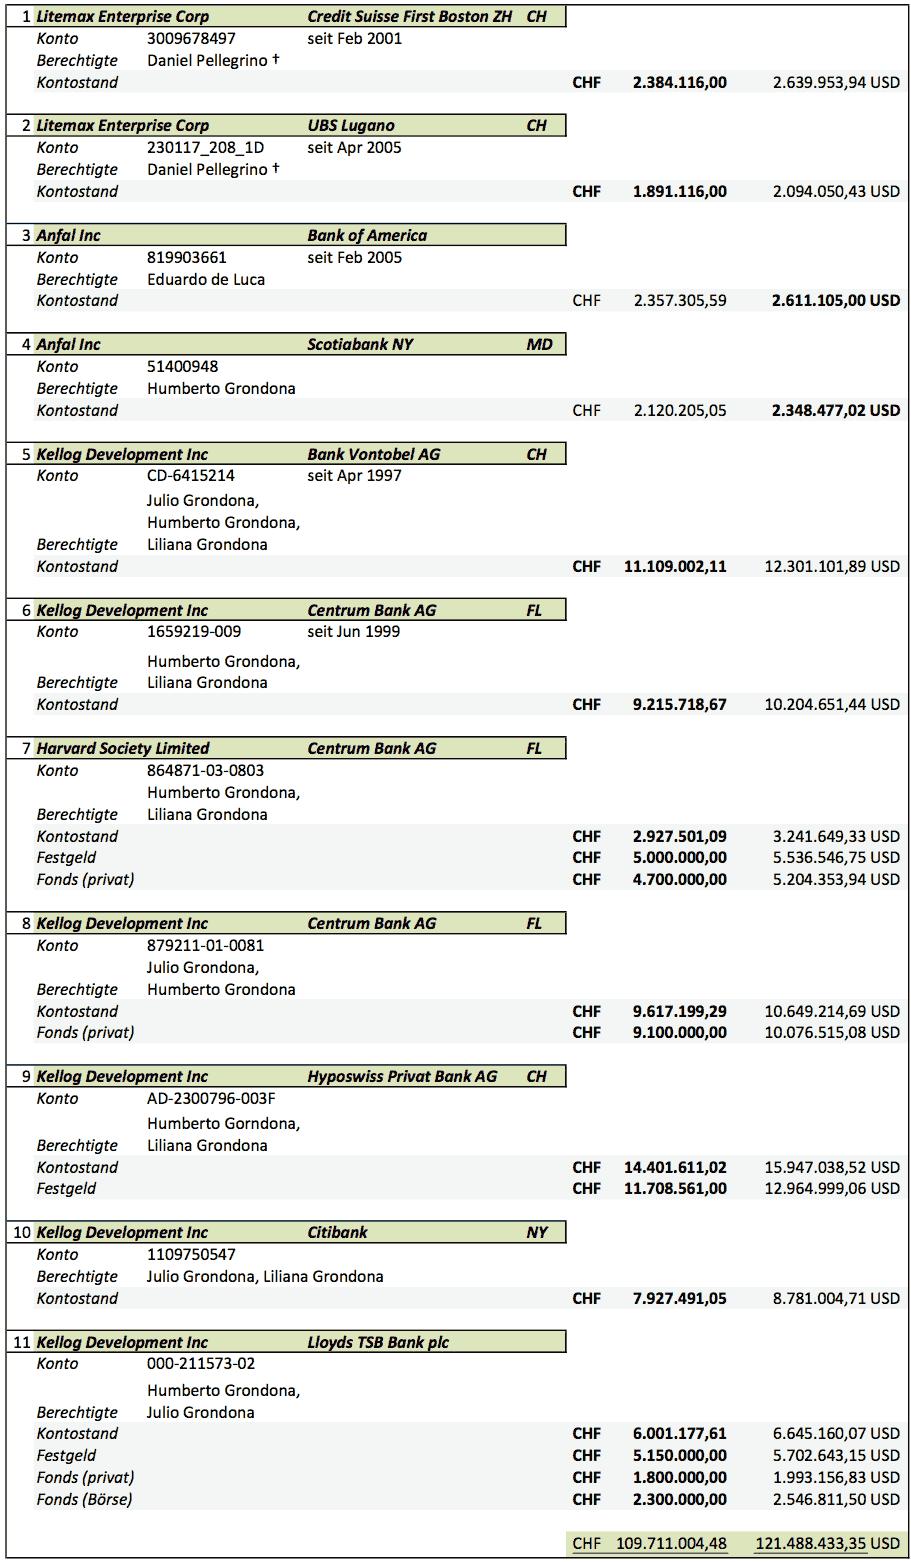 Übersicht: 11 Auslandsdepots des Grondona-Clans, mit Einlagen im Wert von 109,7 Mio CHF / 121,5 Mio USD